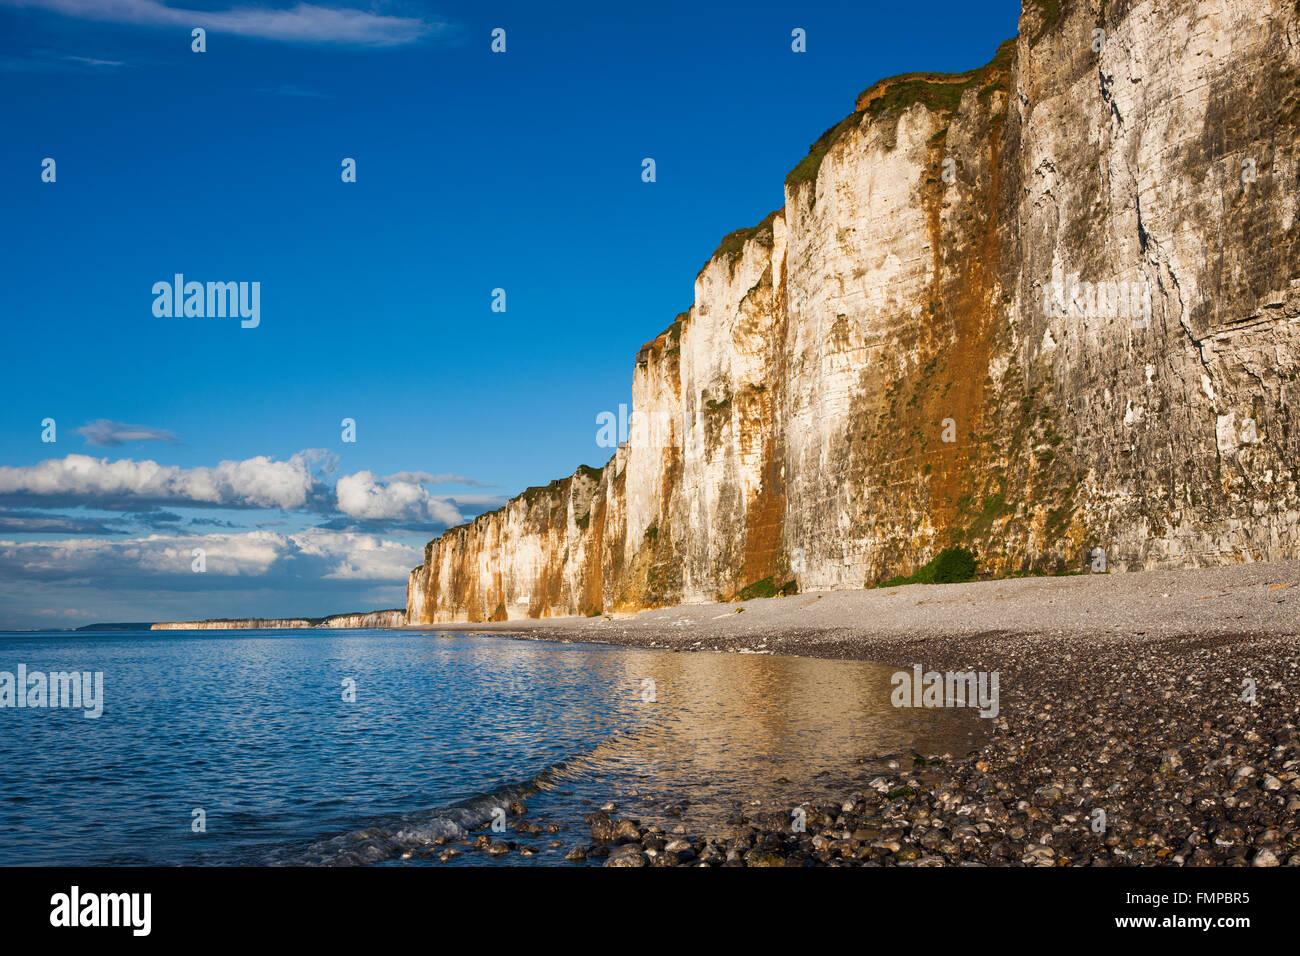 Chalk cliffs on the coast near Saint-Valery-en-Caux, Département Seine-Maritime, Normandy, France - Stock Image